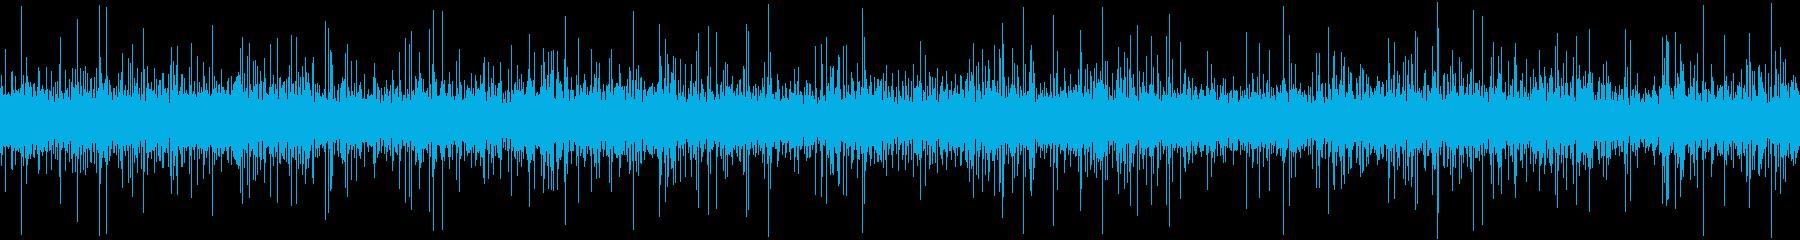 ループ再生・水音・流れる川の再生済みの波形